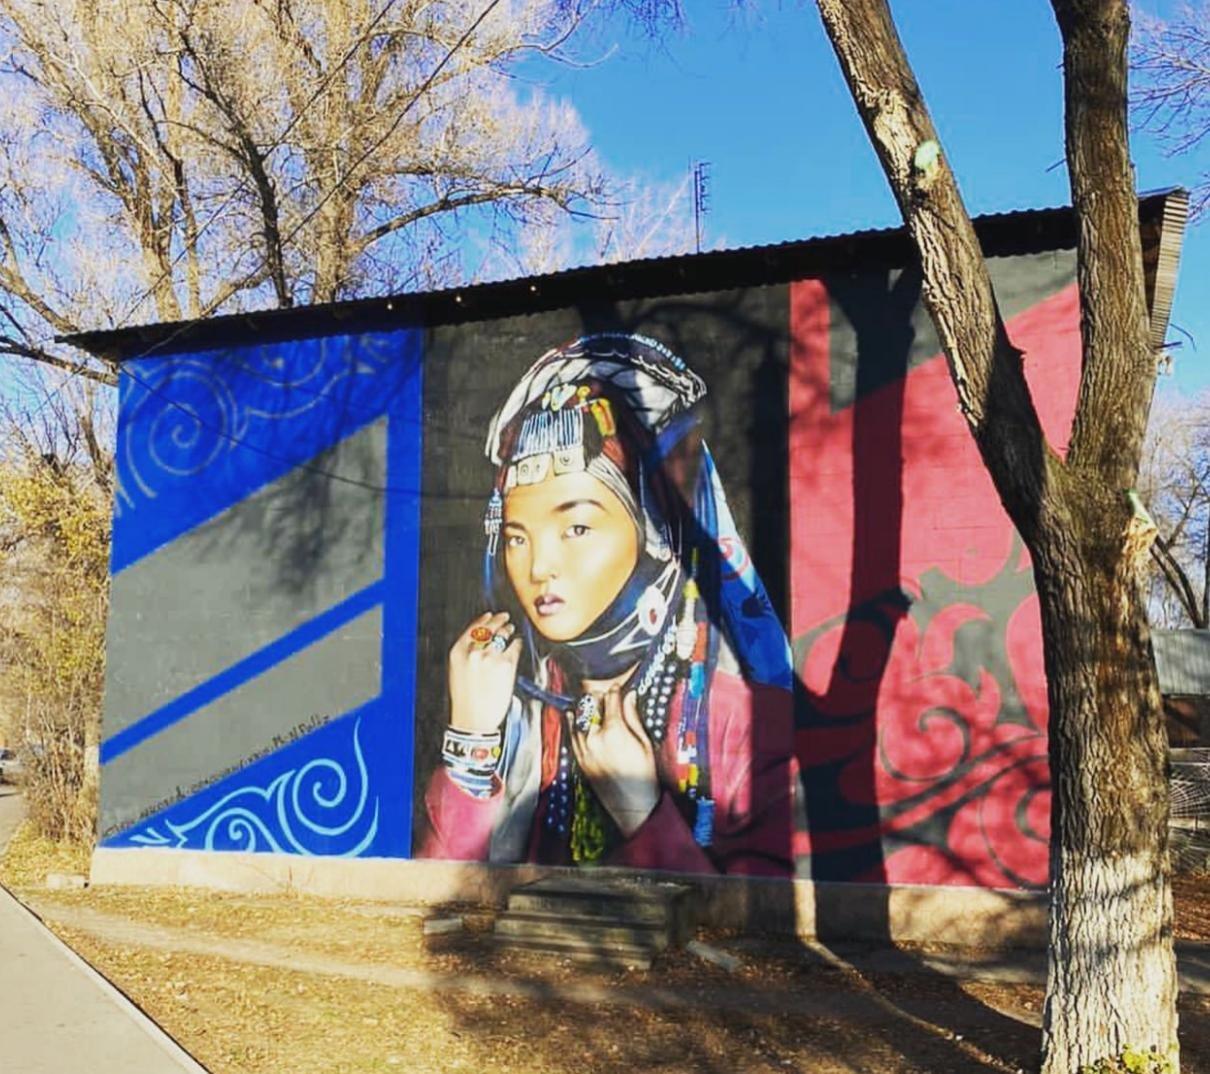 В Алматы появился мурал с портретом женщины в этнической тюркской одежде, фото-1